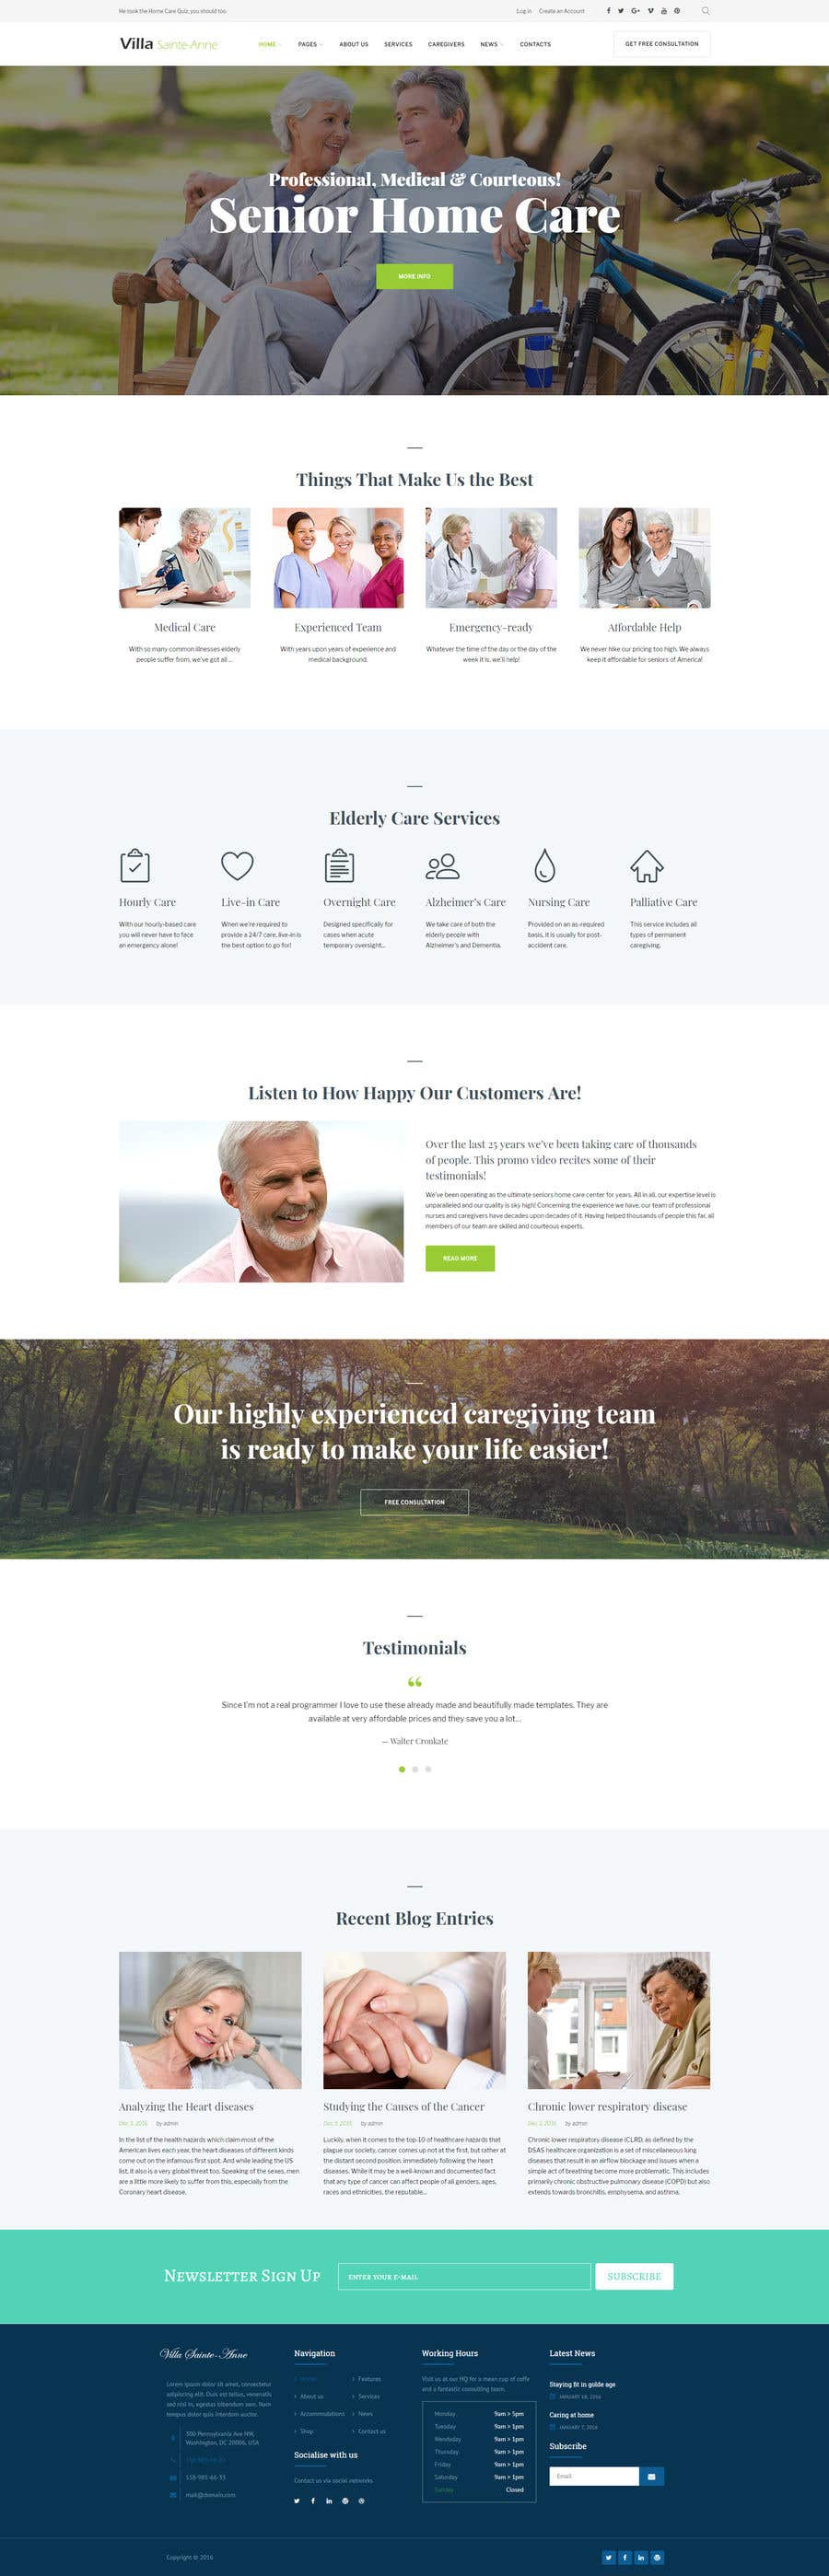 Penyertaan Peraduan #6 untuk Make a website mockup / visual design for our senior care home